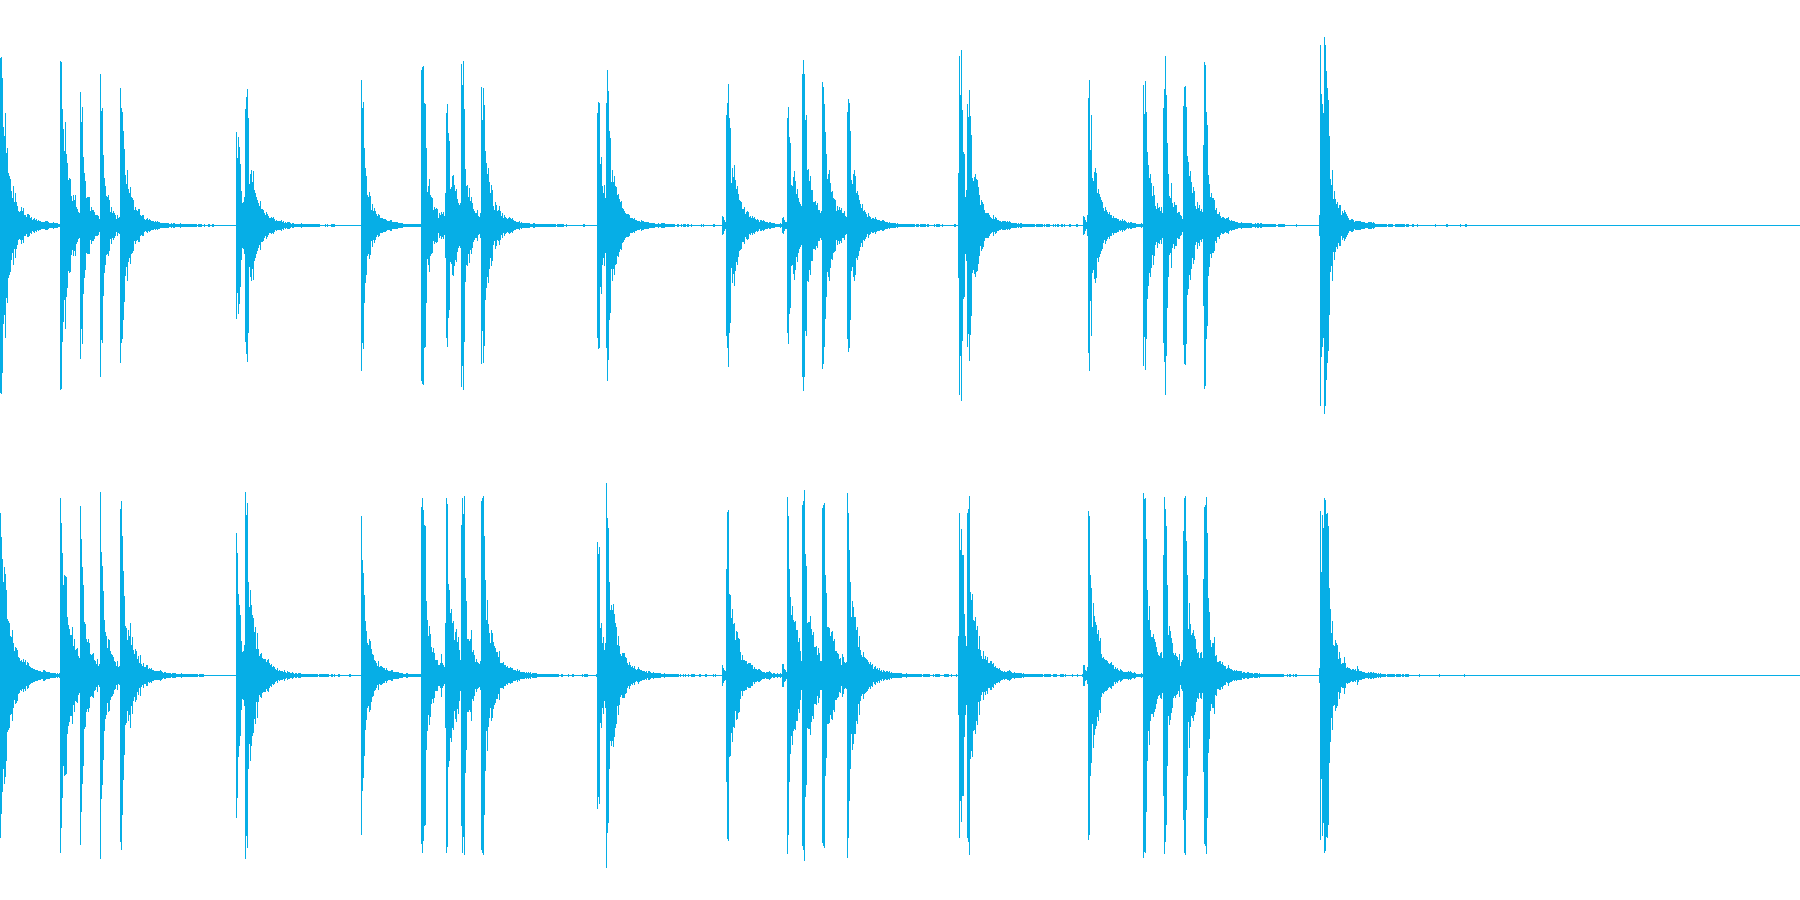 カスタネット!フラメンコフレーズ1の再生済みの波形